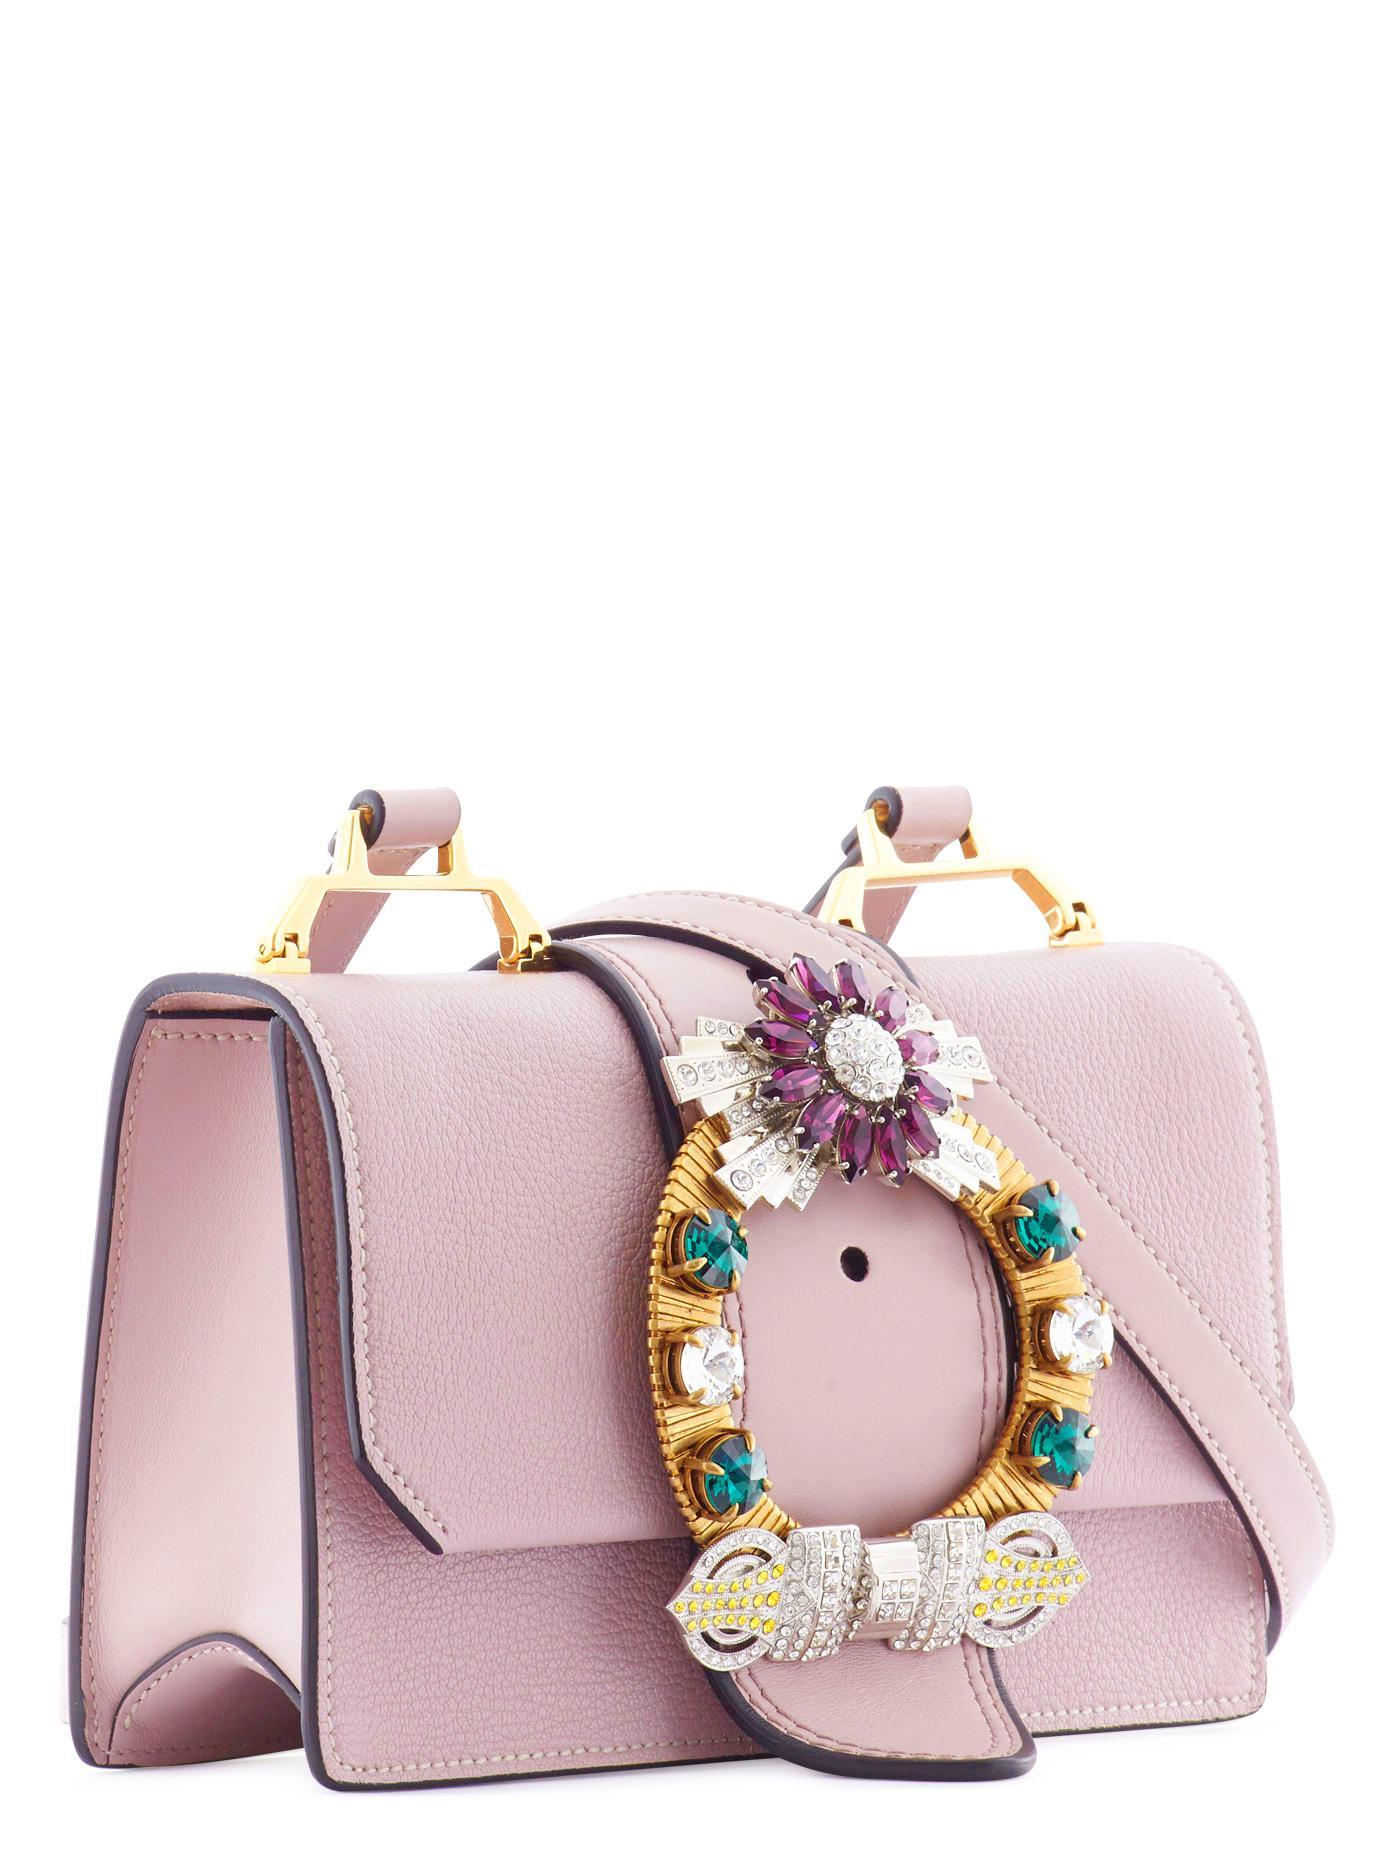 b27d0b242c6d Miu Miu Shoulder Pink Bag